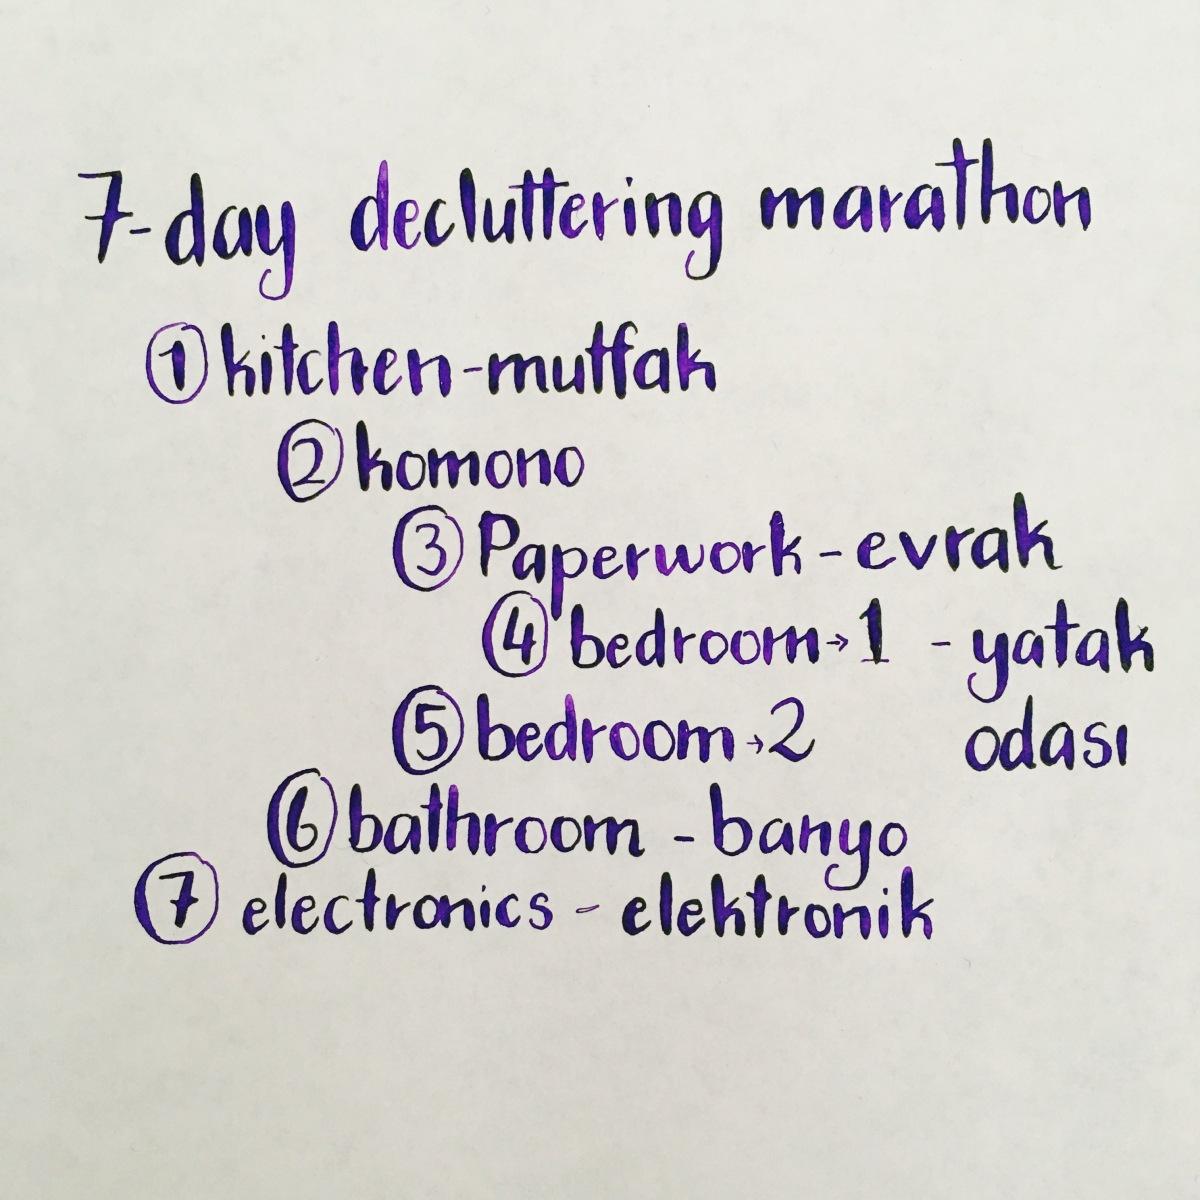 Seven Day Decluttering Marathon- Yedi Günlük Azaltma Maratonu